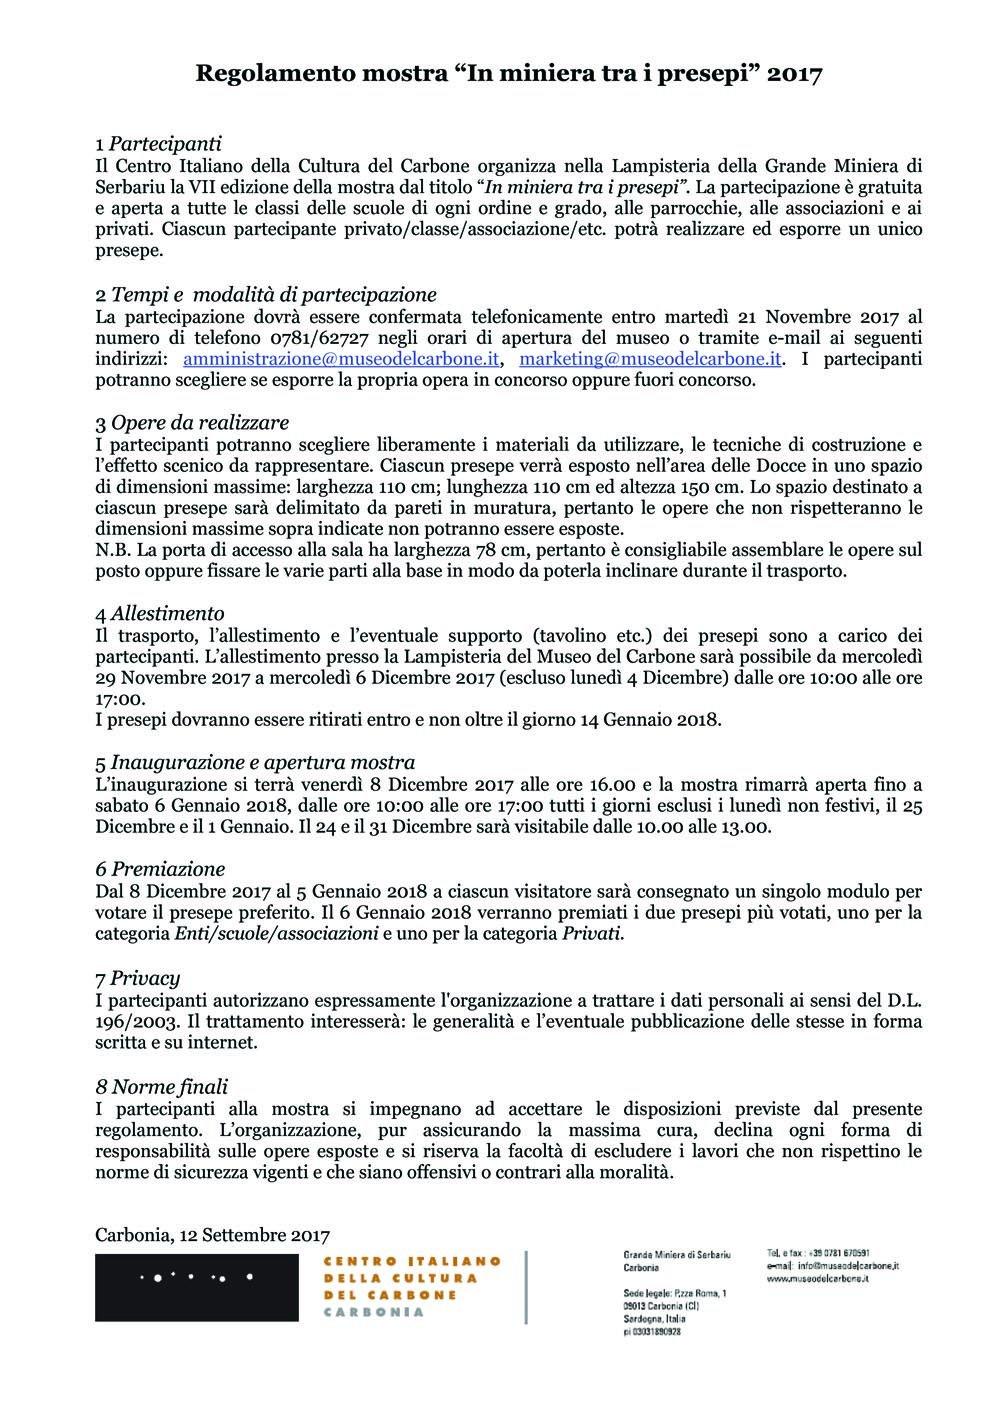 Regolamento In miniera tra i presepi 2017